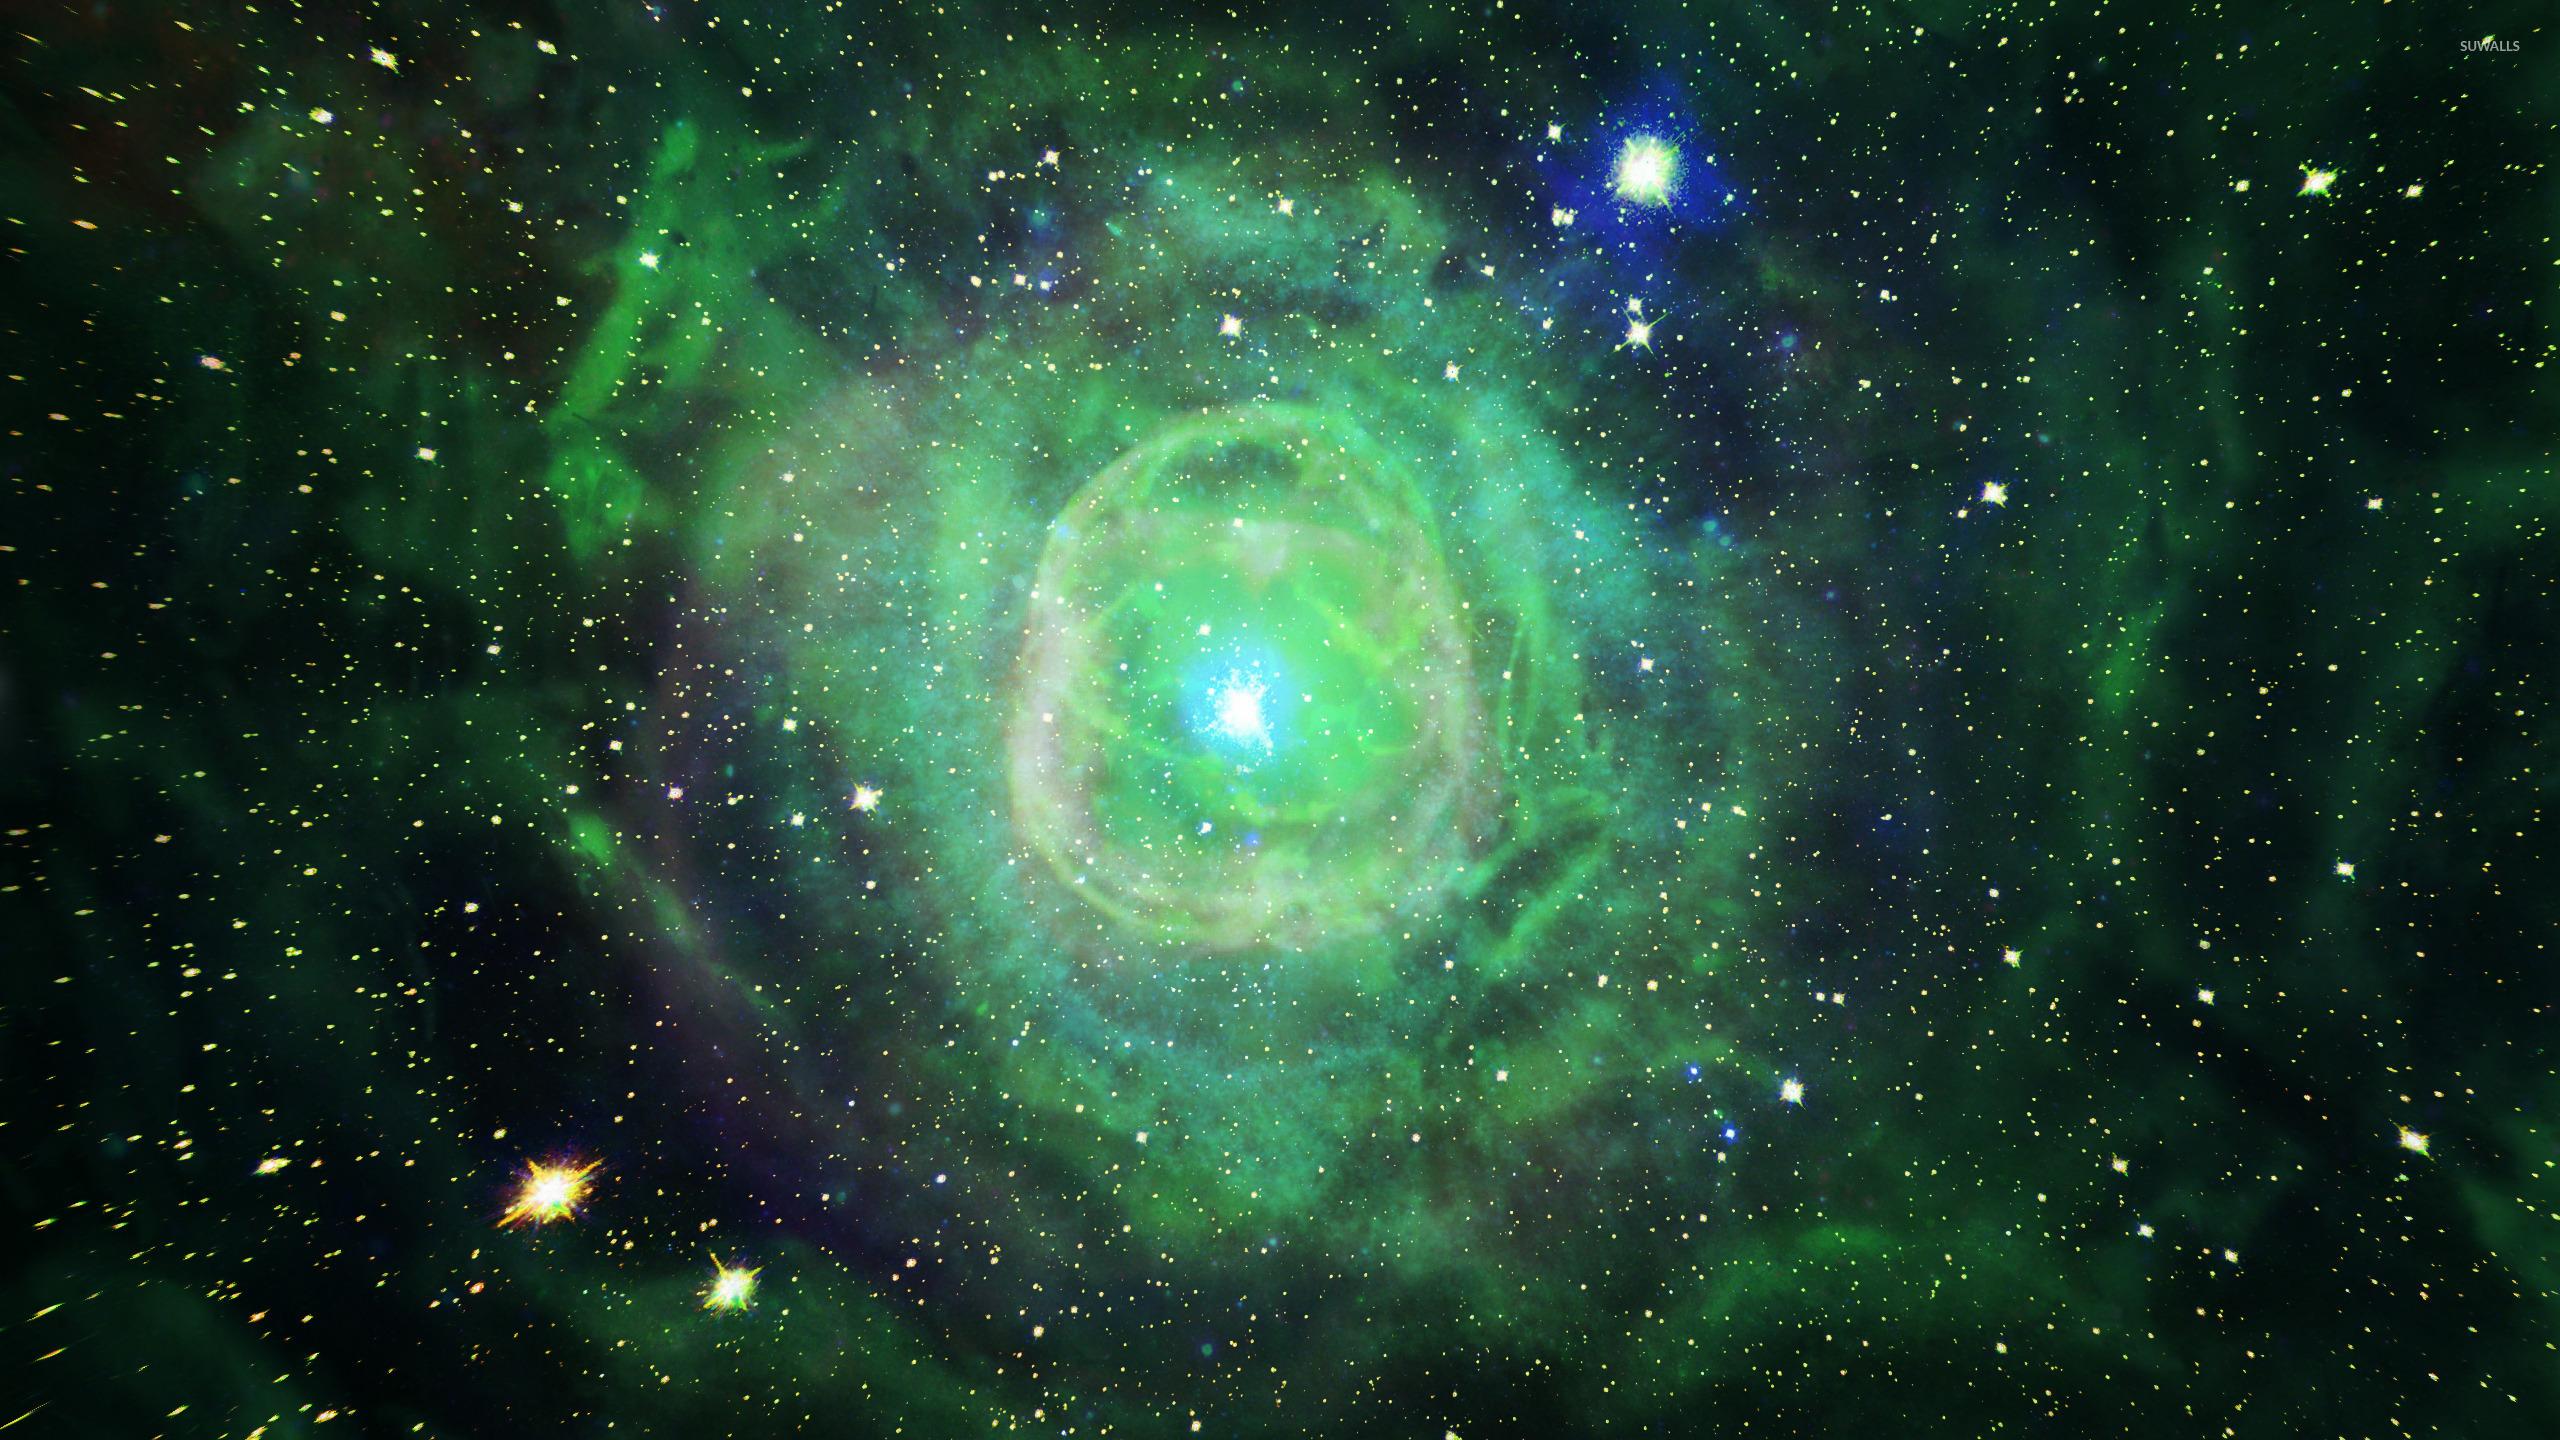 nebula 2560x1440 - photo #46